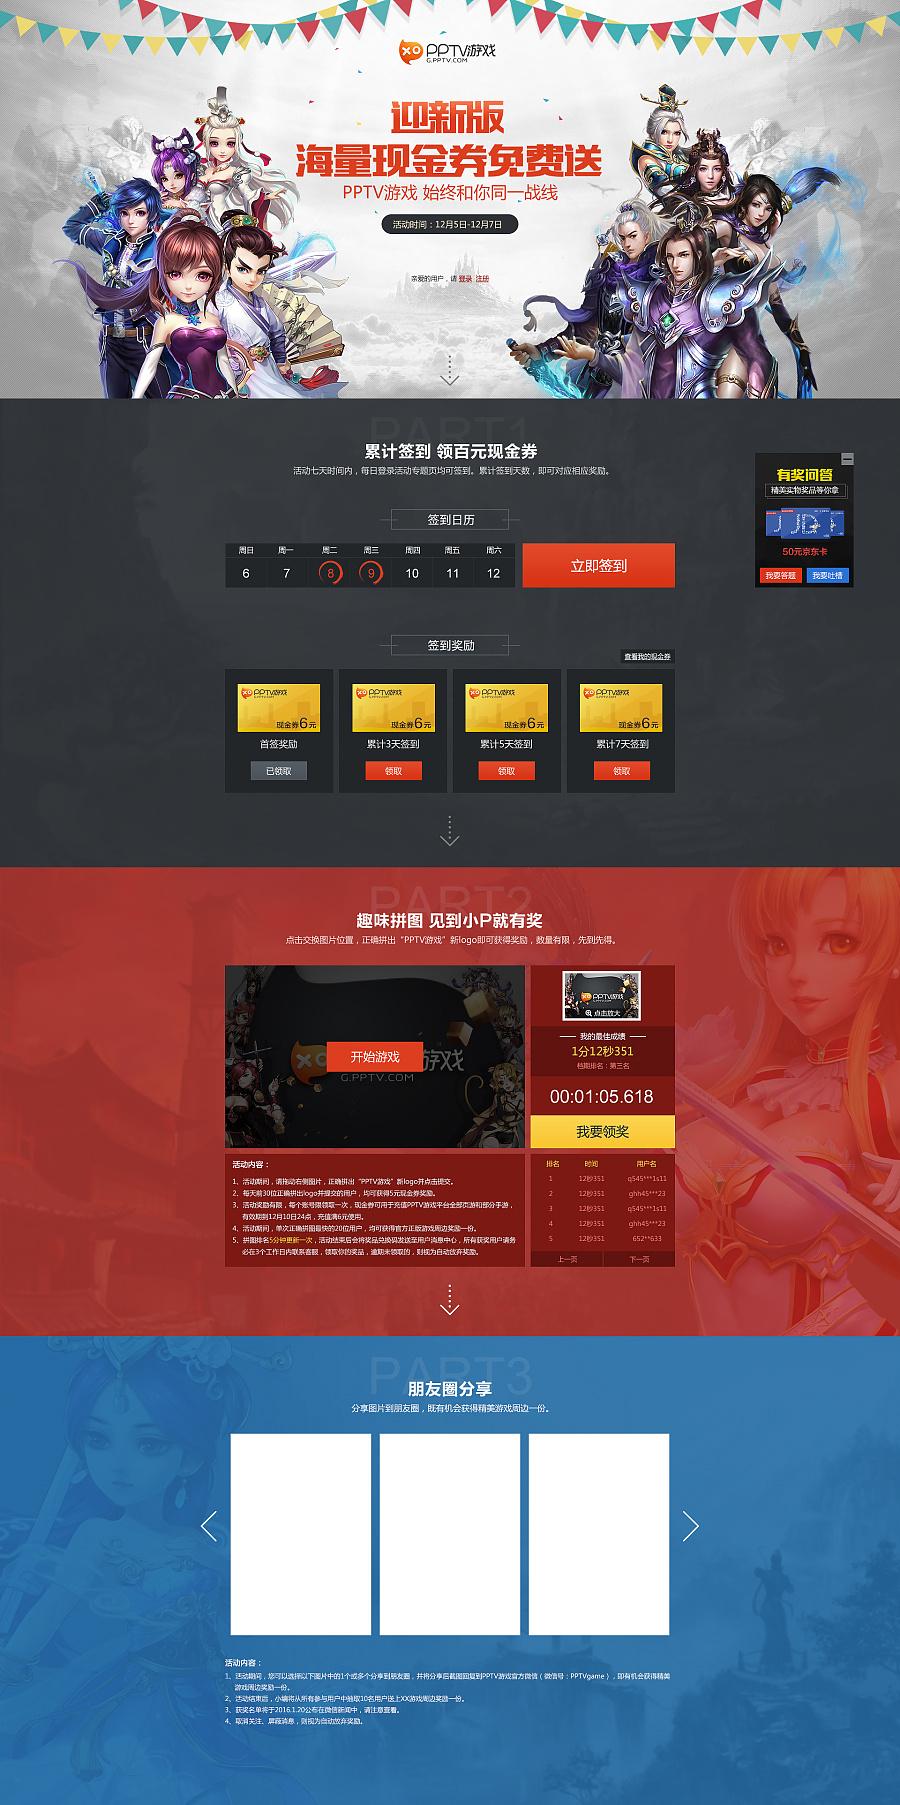 查看《2015-gameweb+》原图,原图尺寸:1920x3850